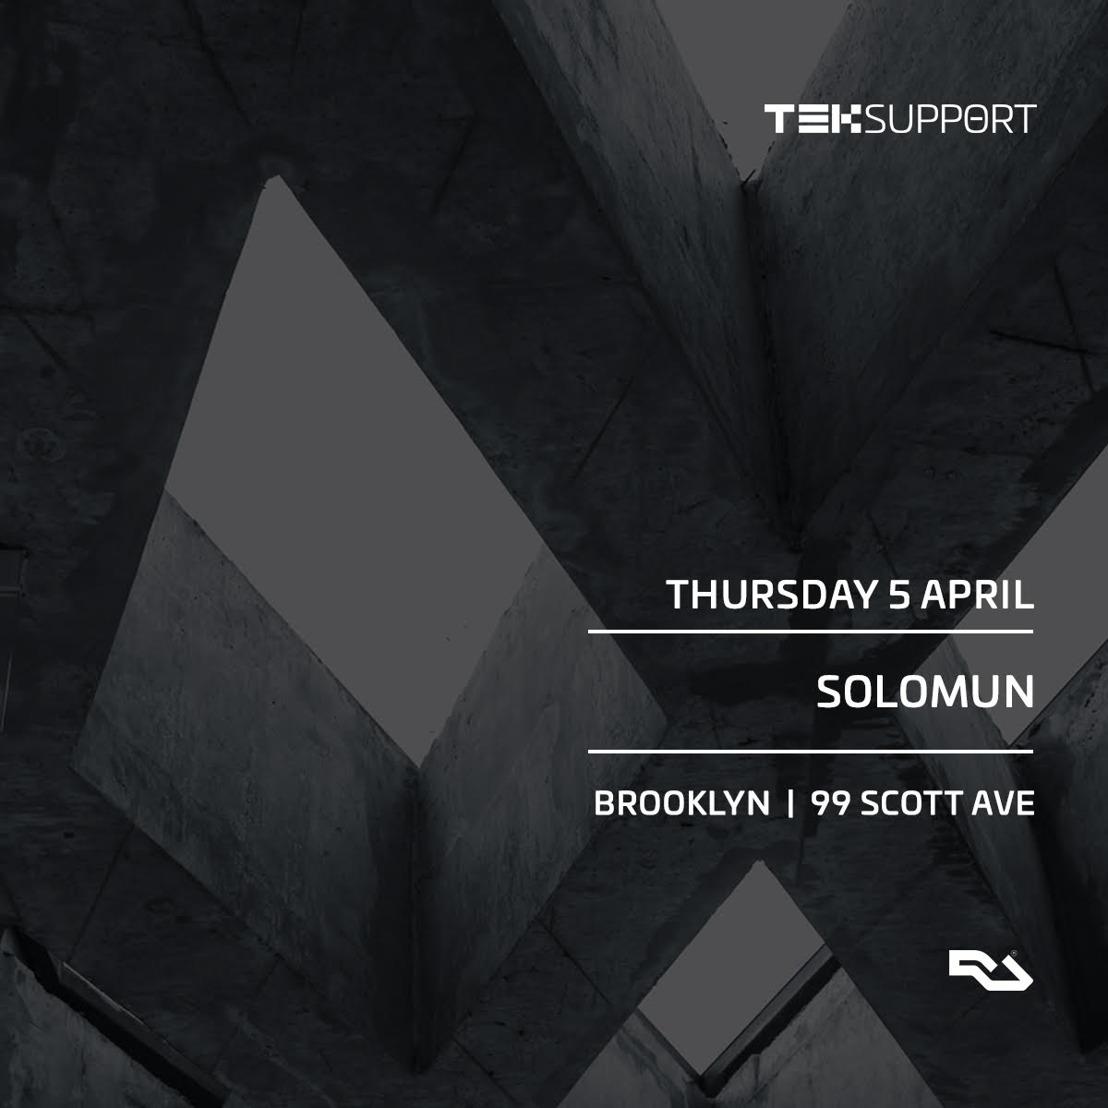 Teksupport Announces April 5 Event Featuring Solomun